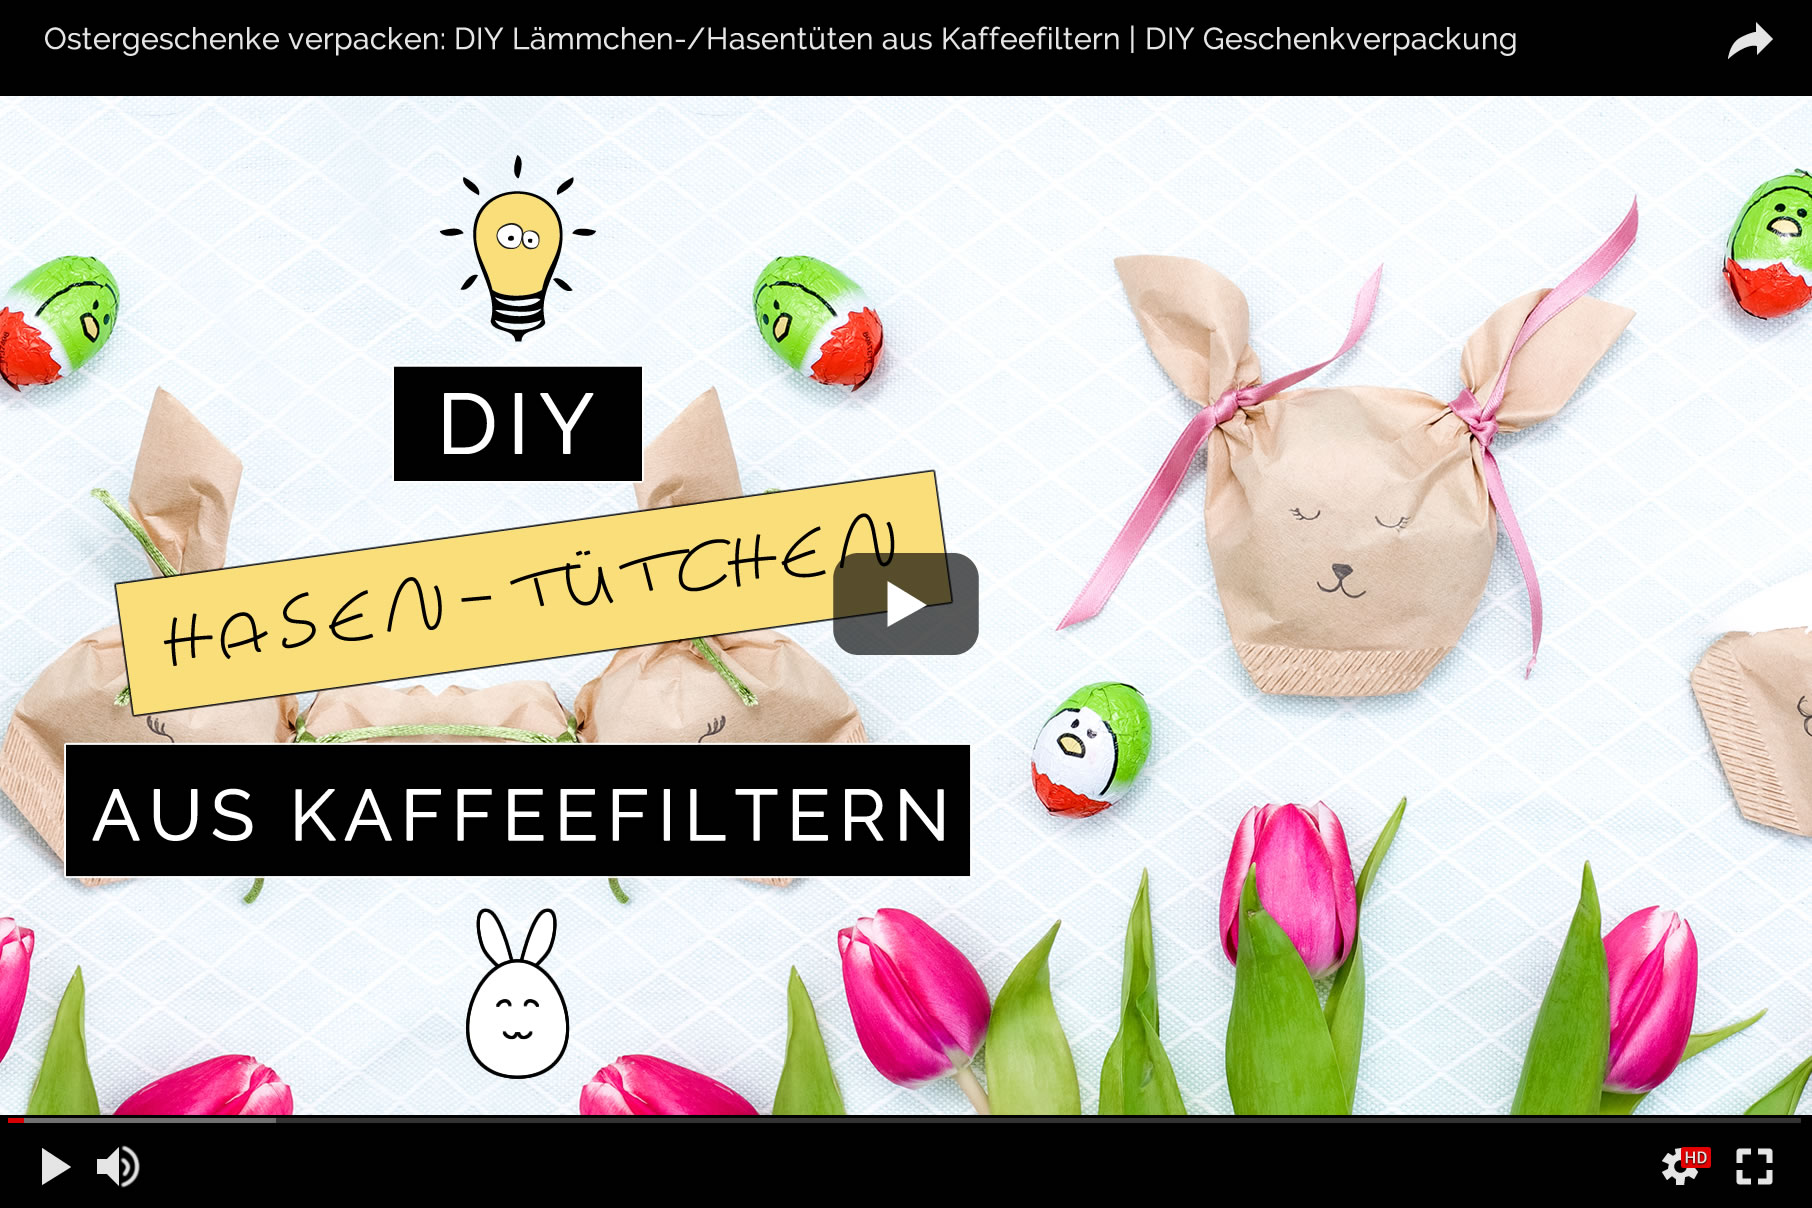 Ostergeschenke verpacken: DIY Lämmchen-/Hasentüten aus Kaffeefiltern basteln | Filizity.com | DIY-Blog aus dem Rheinland #ostern #geschenkidee